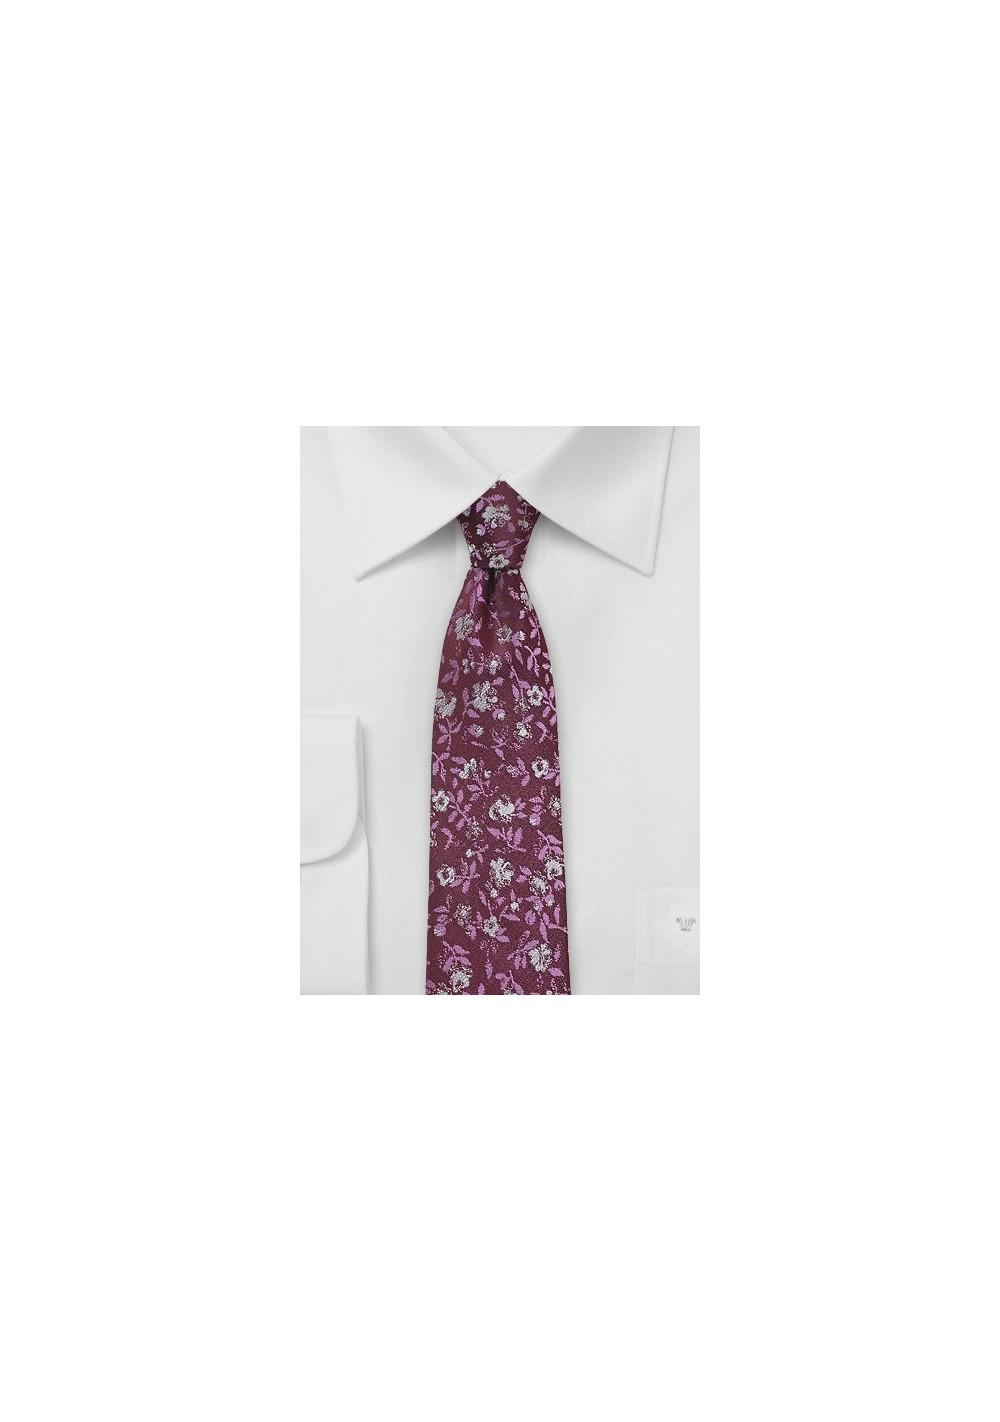 Floral Silk Tie in Crimson Red